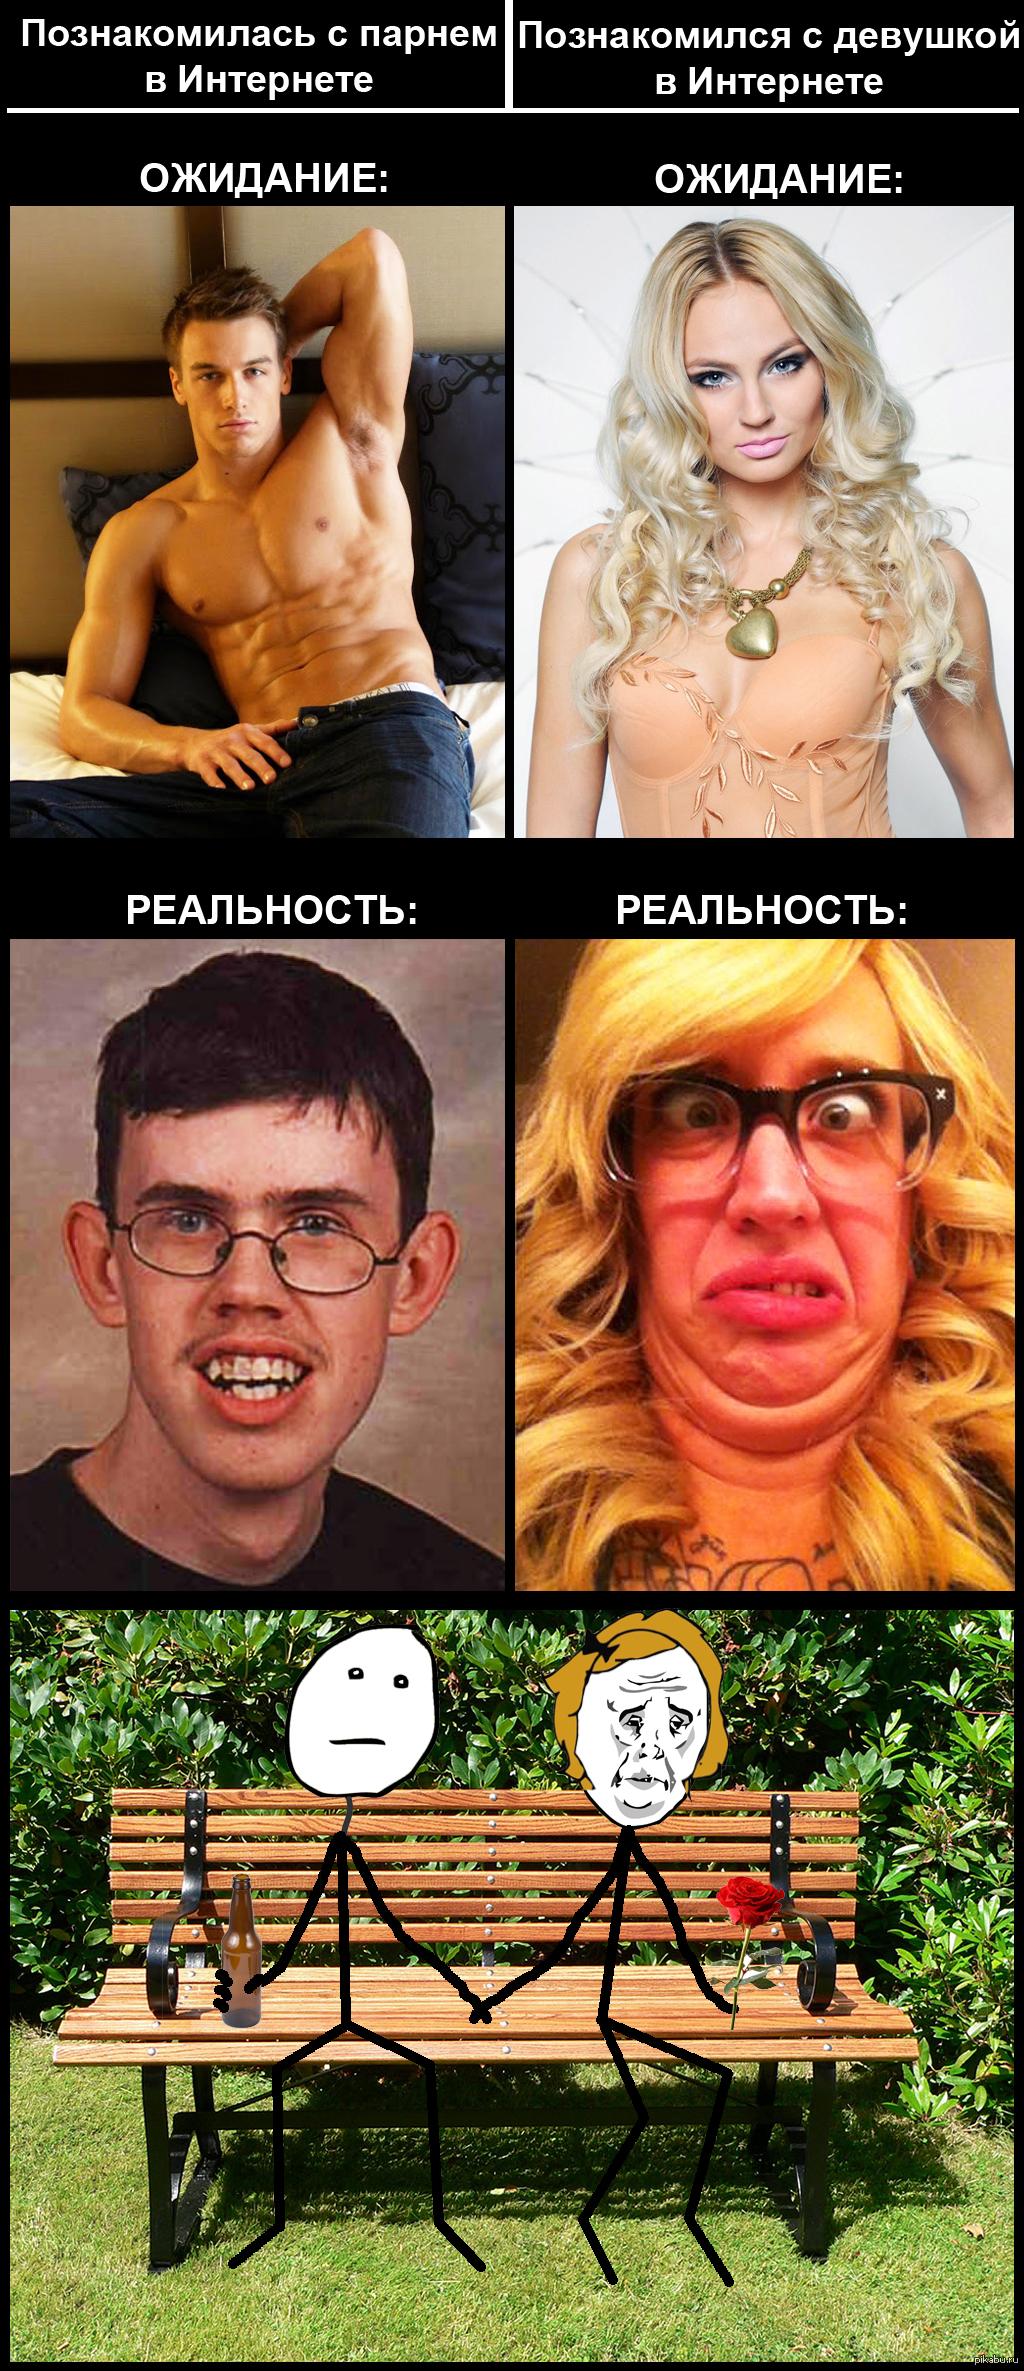 Парней анекдоты с знакомства девушками про